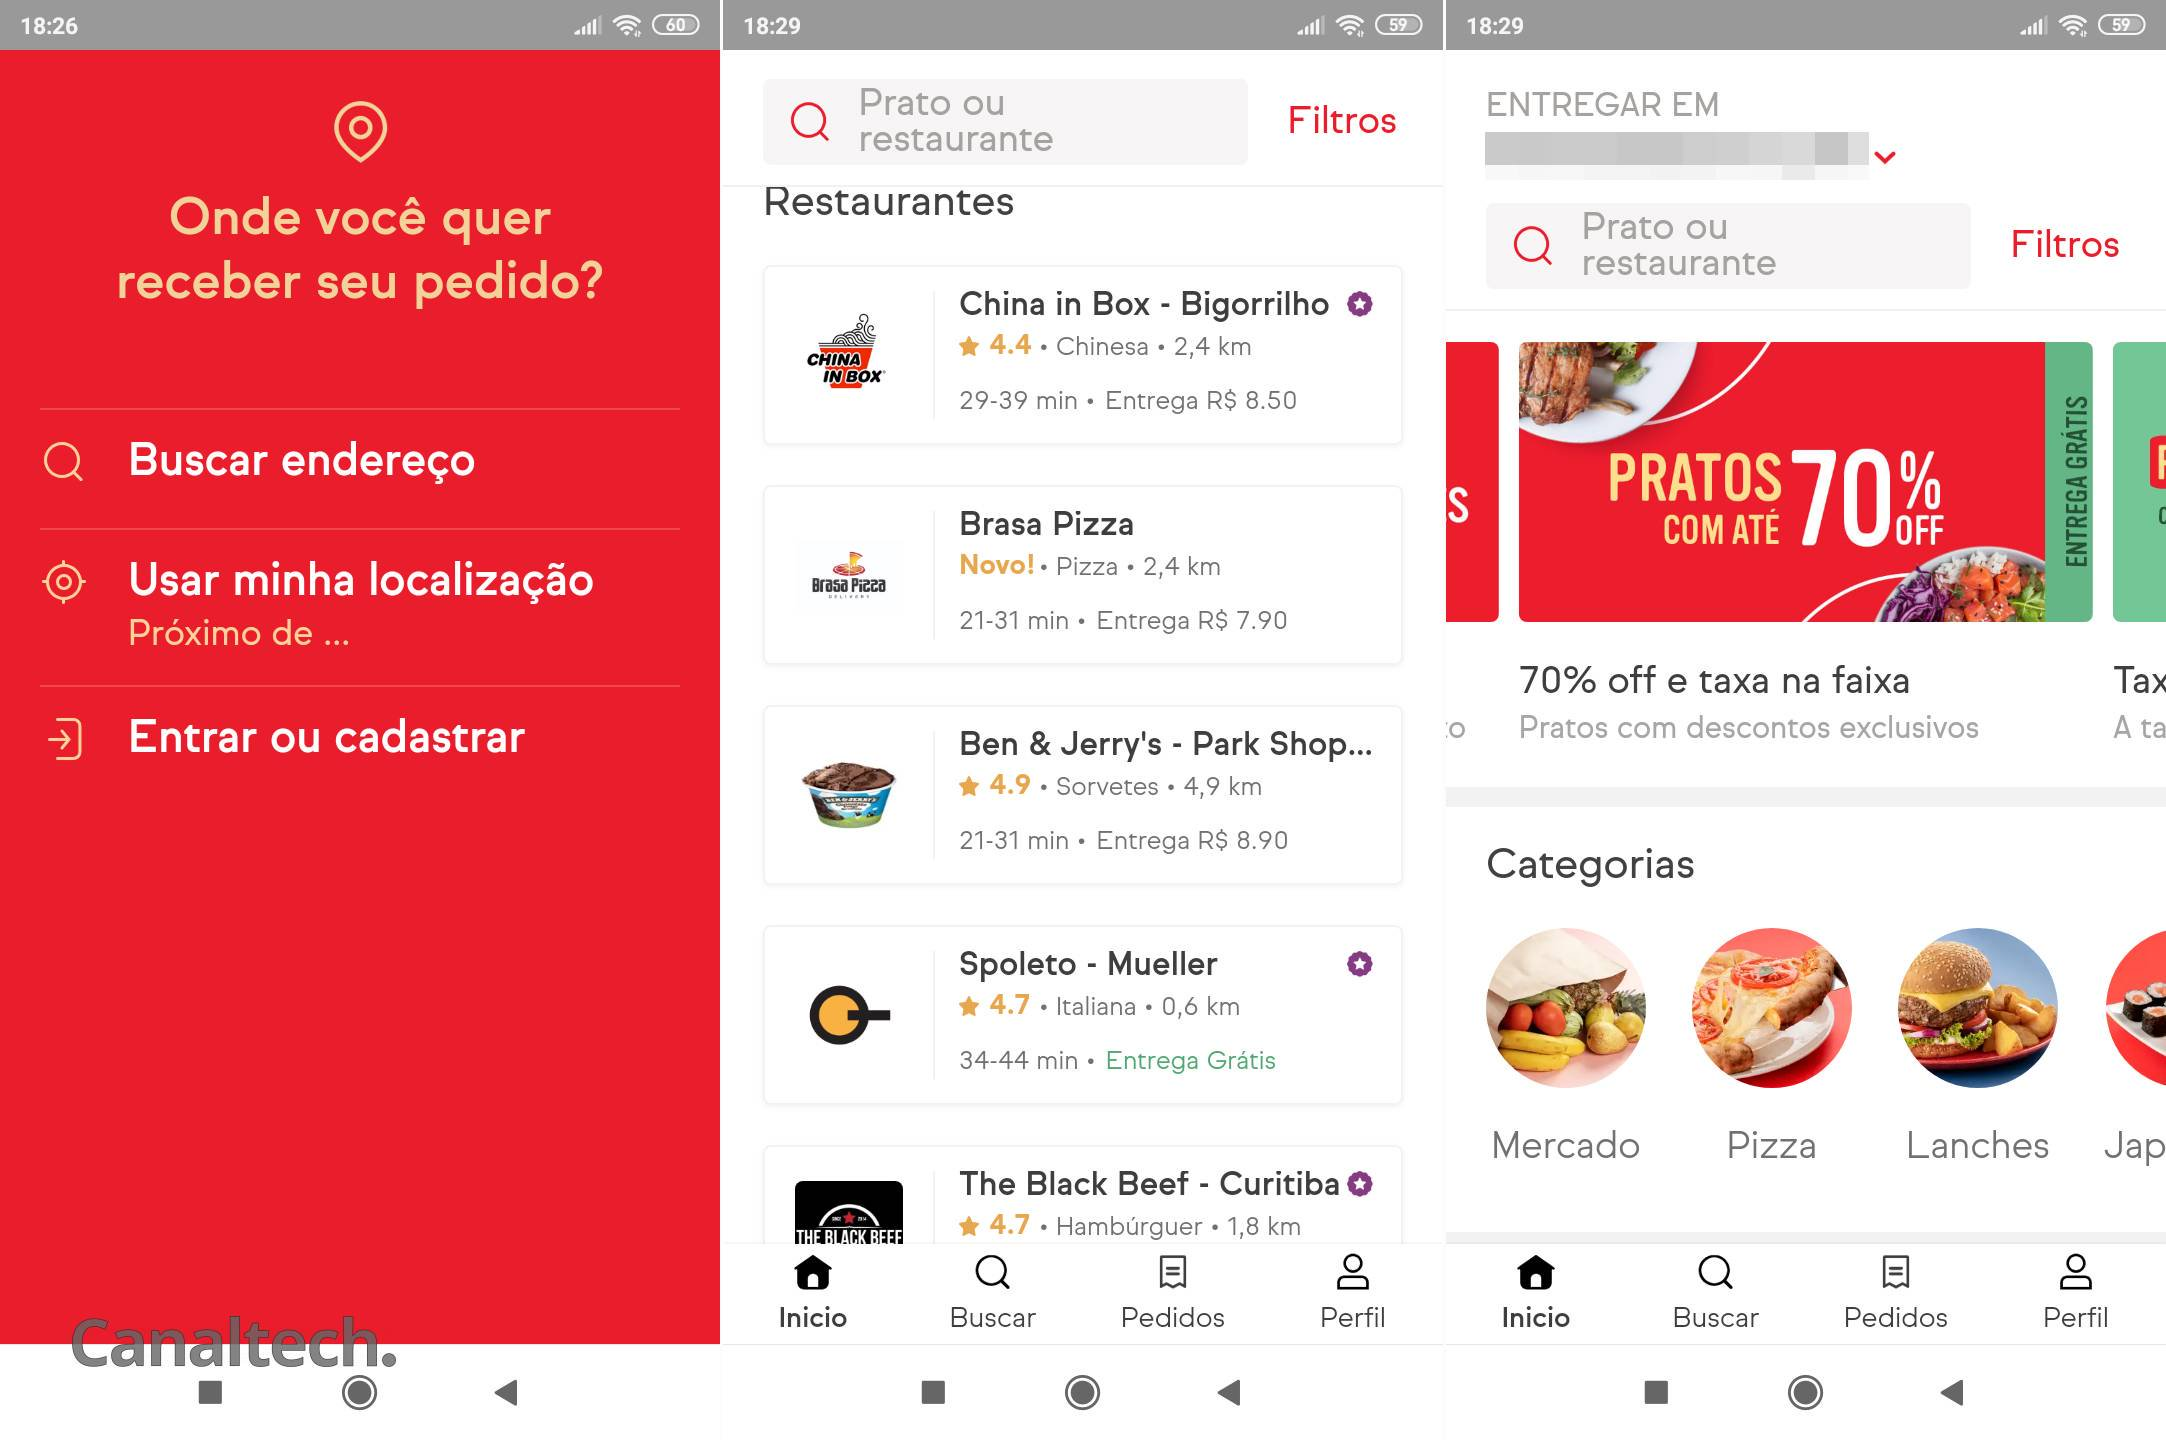 iFood lança versão mais leve do aplicativo para smartphones Android - 2